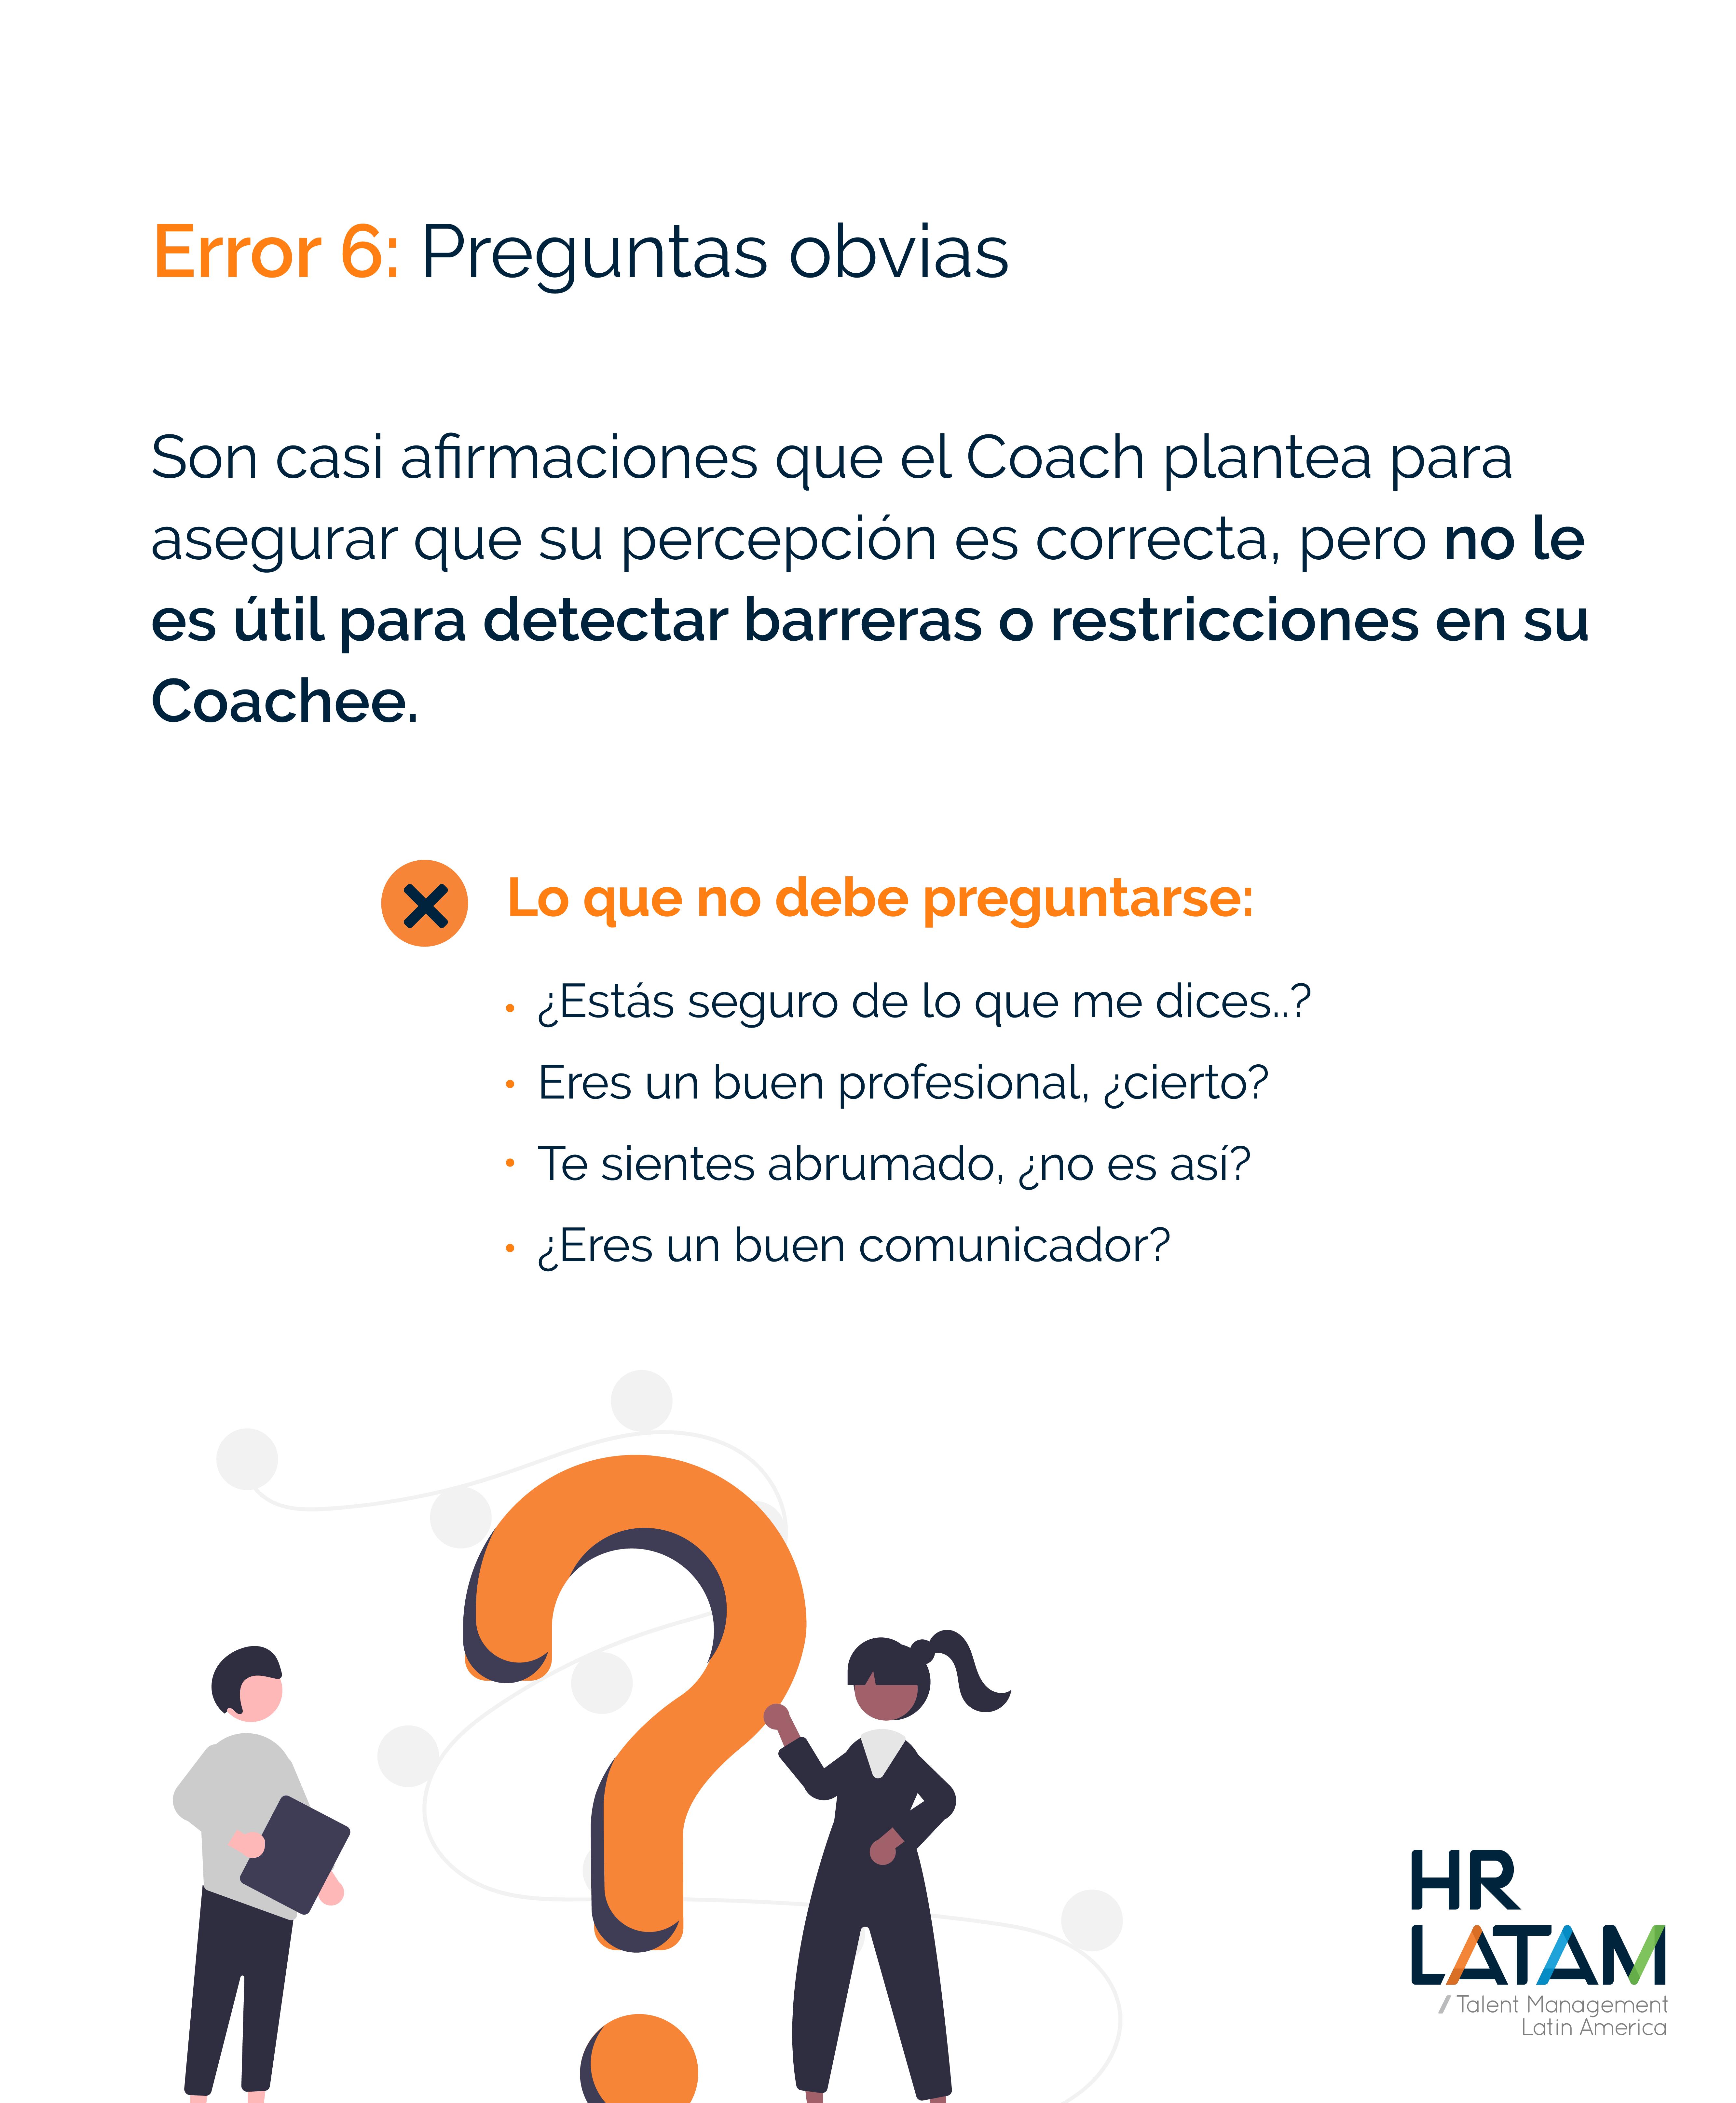 Error 6: Preguntas obvias